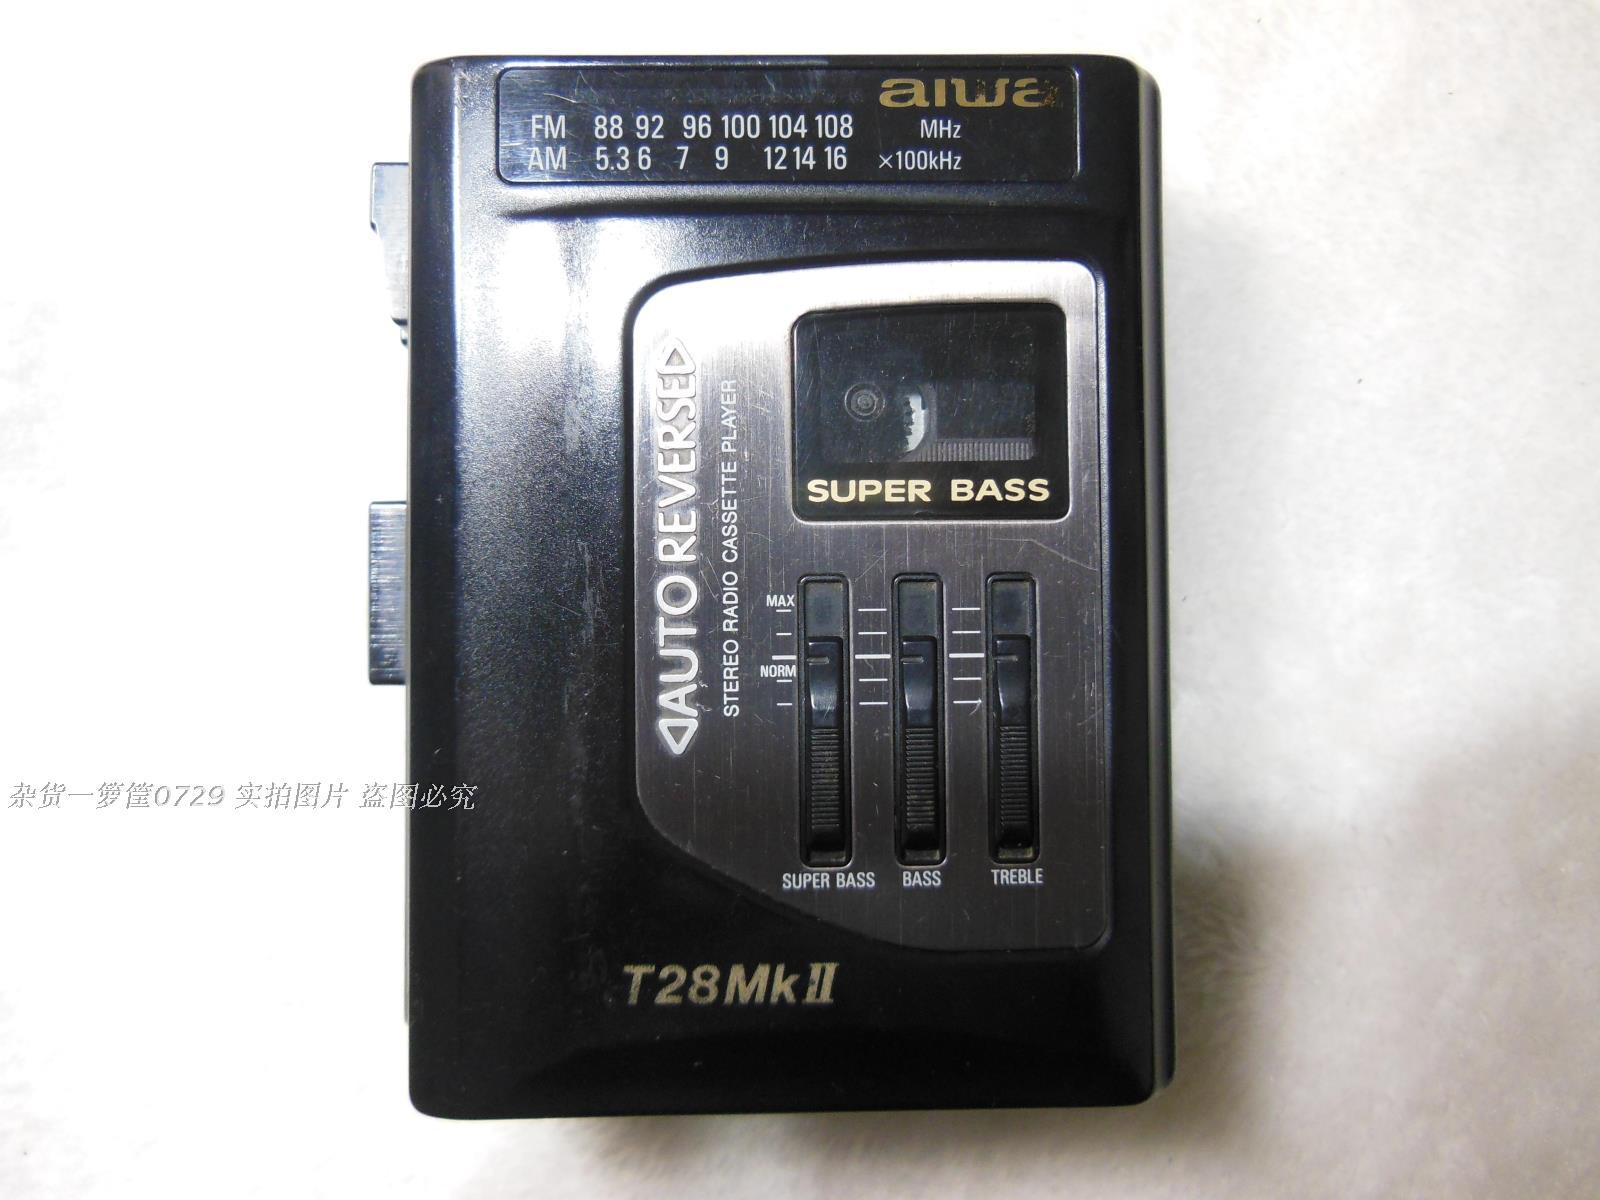 二手aiwa爱华T28MK2磁带播放器随身听收问题机